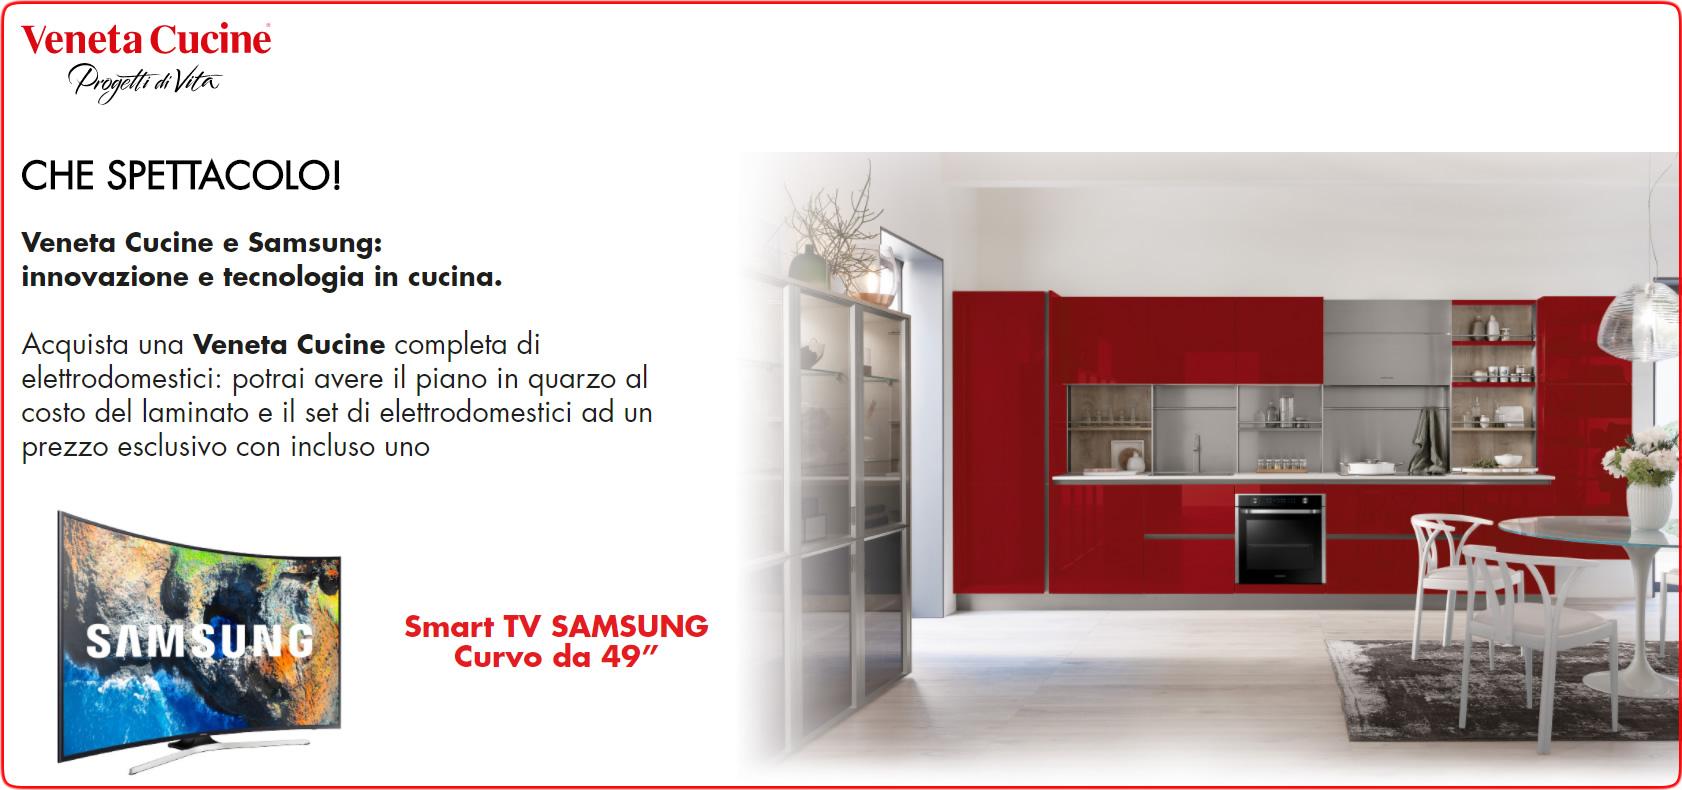 Promo Veneta Cucine CHE SPETTACOLO! | Resnati Mobili Lissone